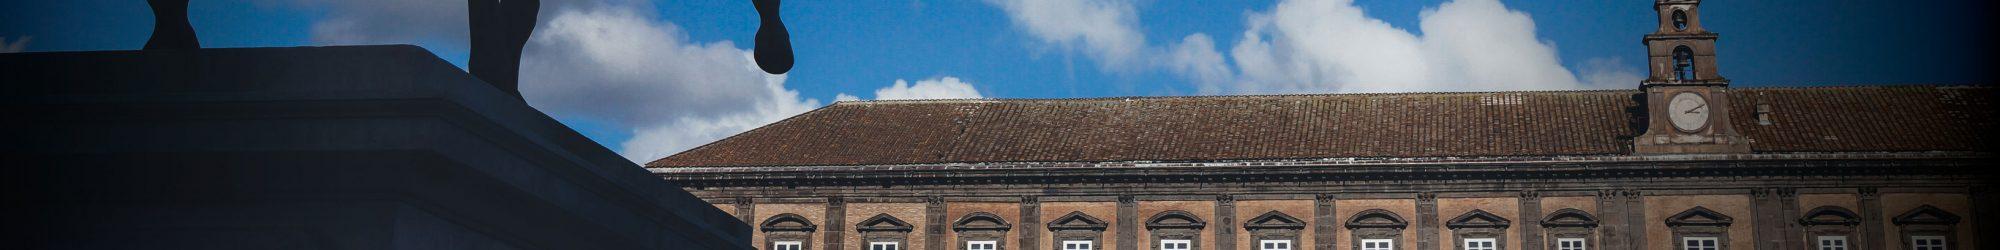 castelli-regine-napoli-fiorentini-residence